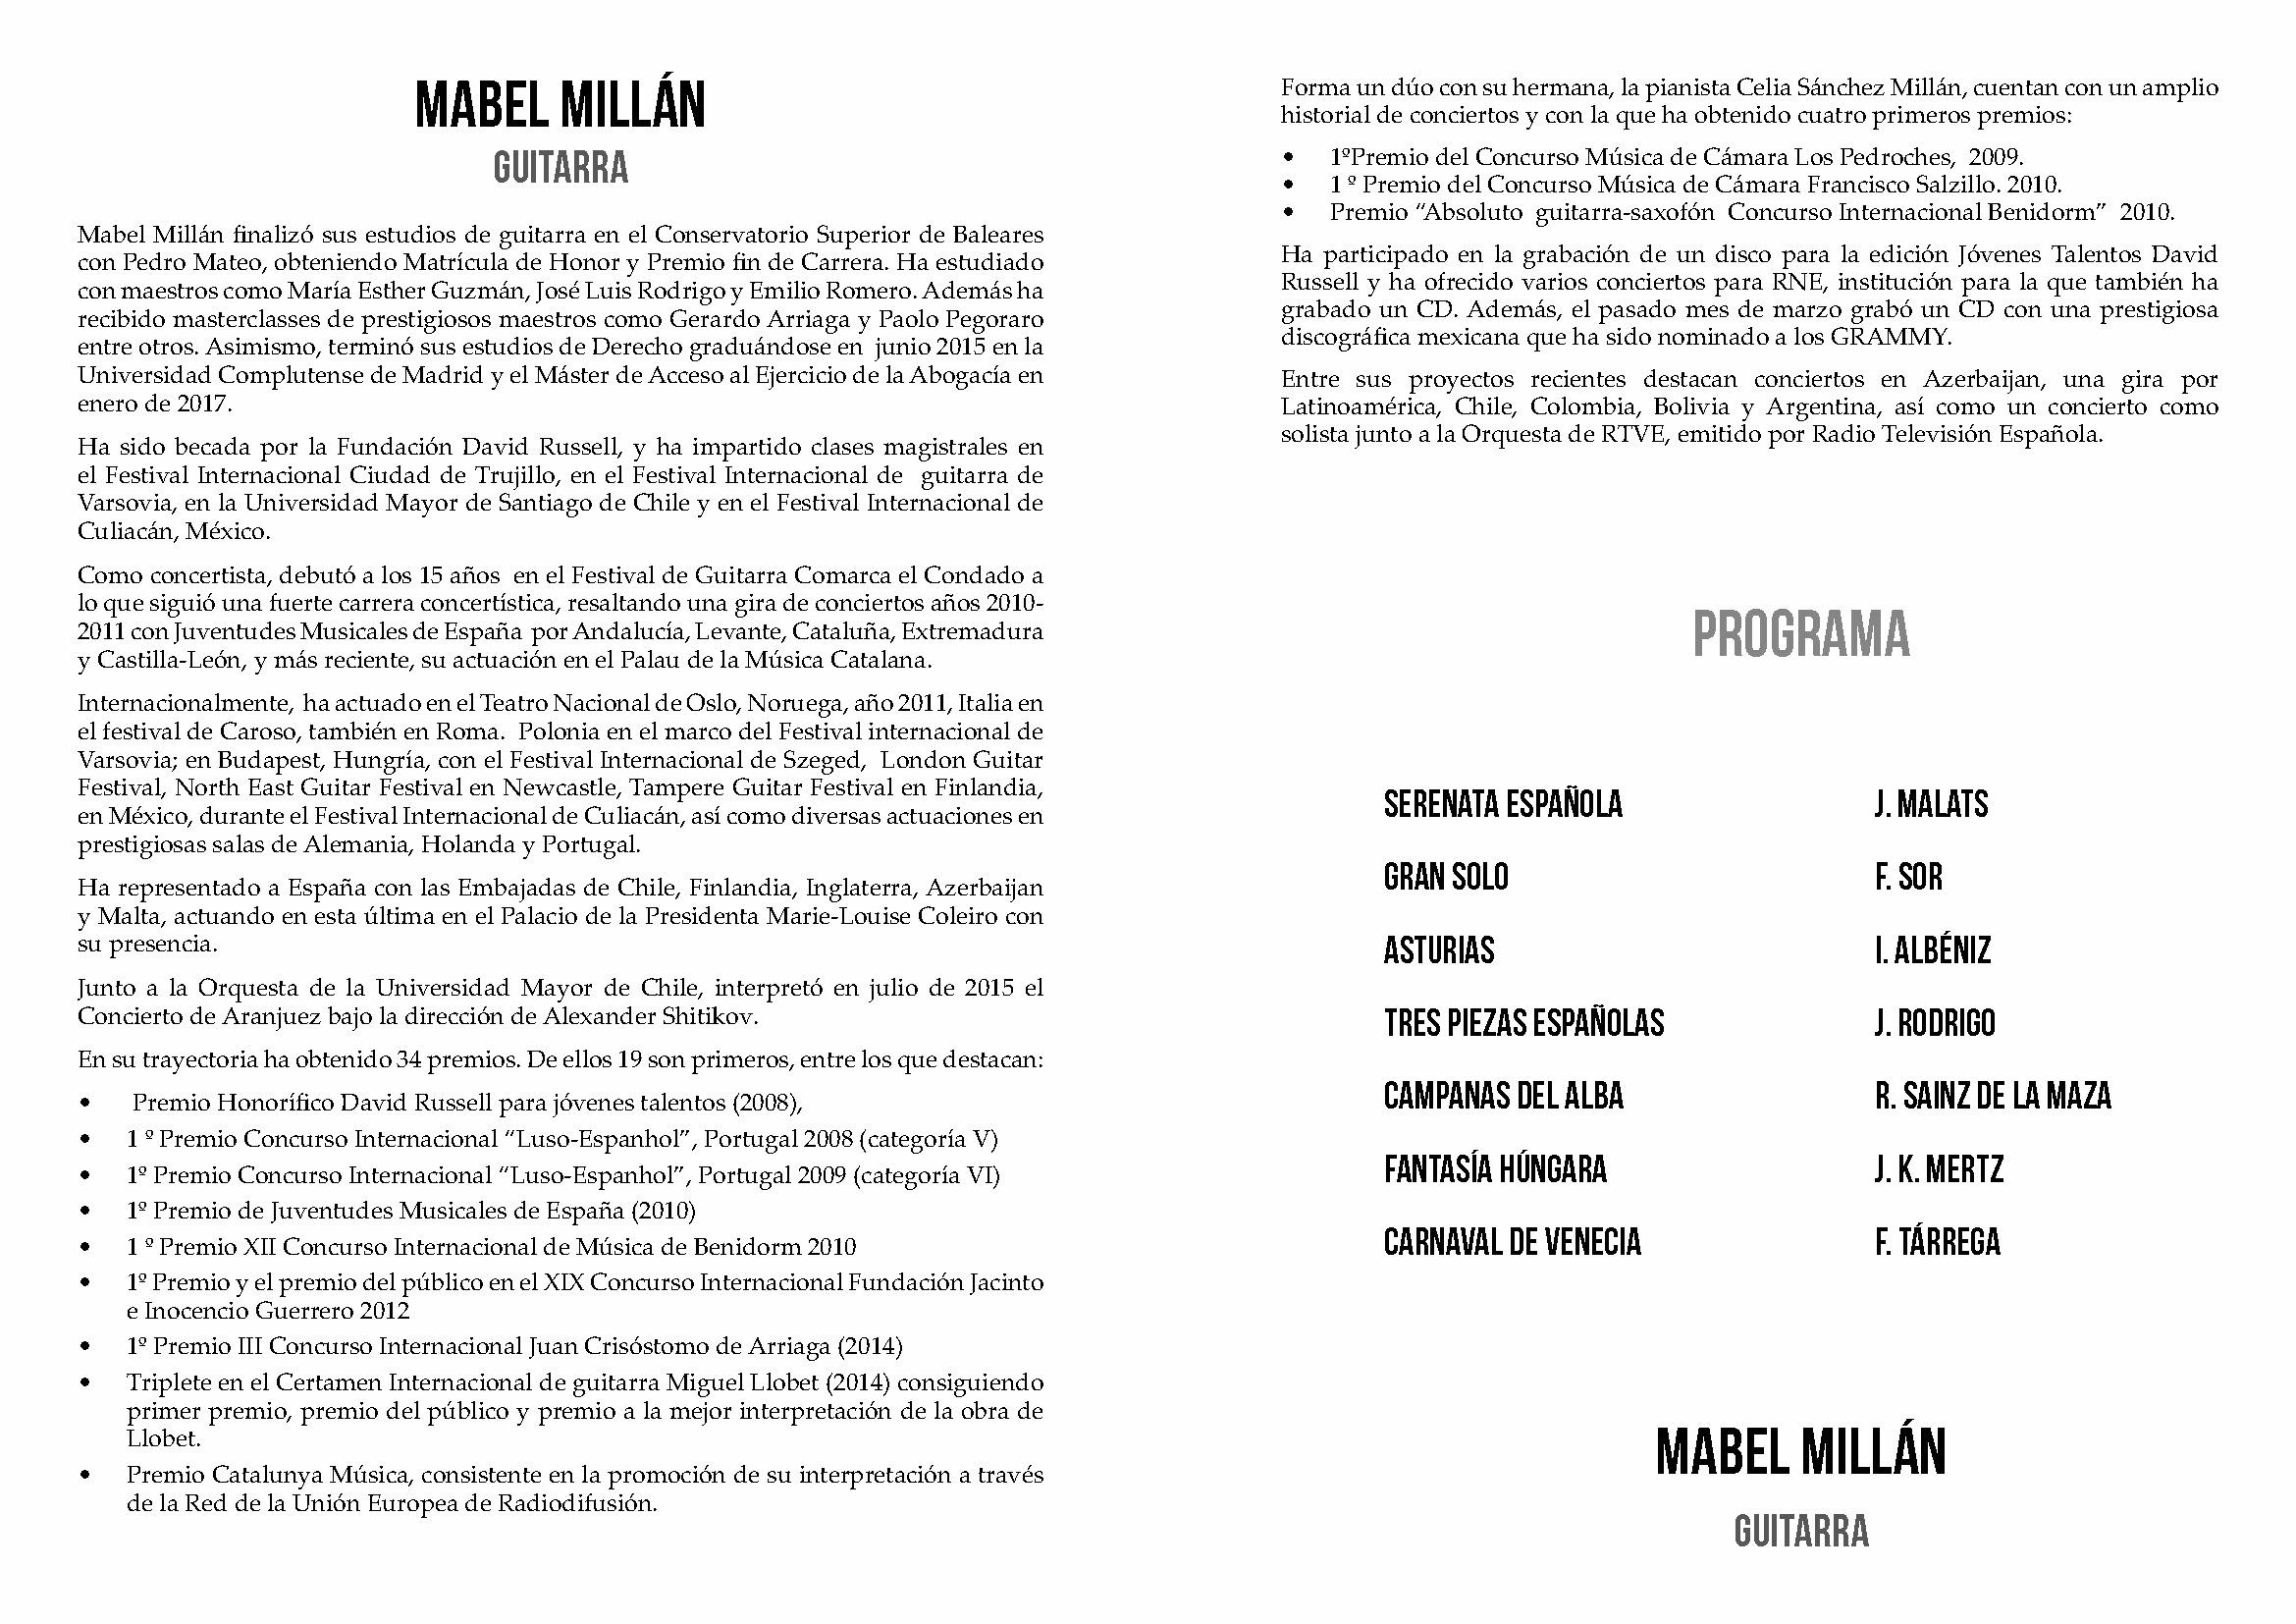 20171020 Mabel Millán Guitarra PROGRAMA_Página_2